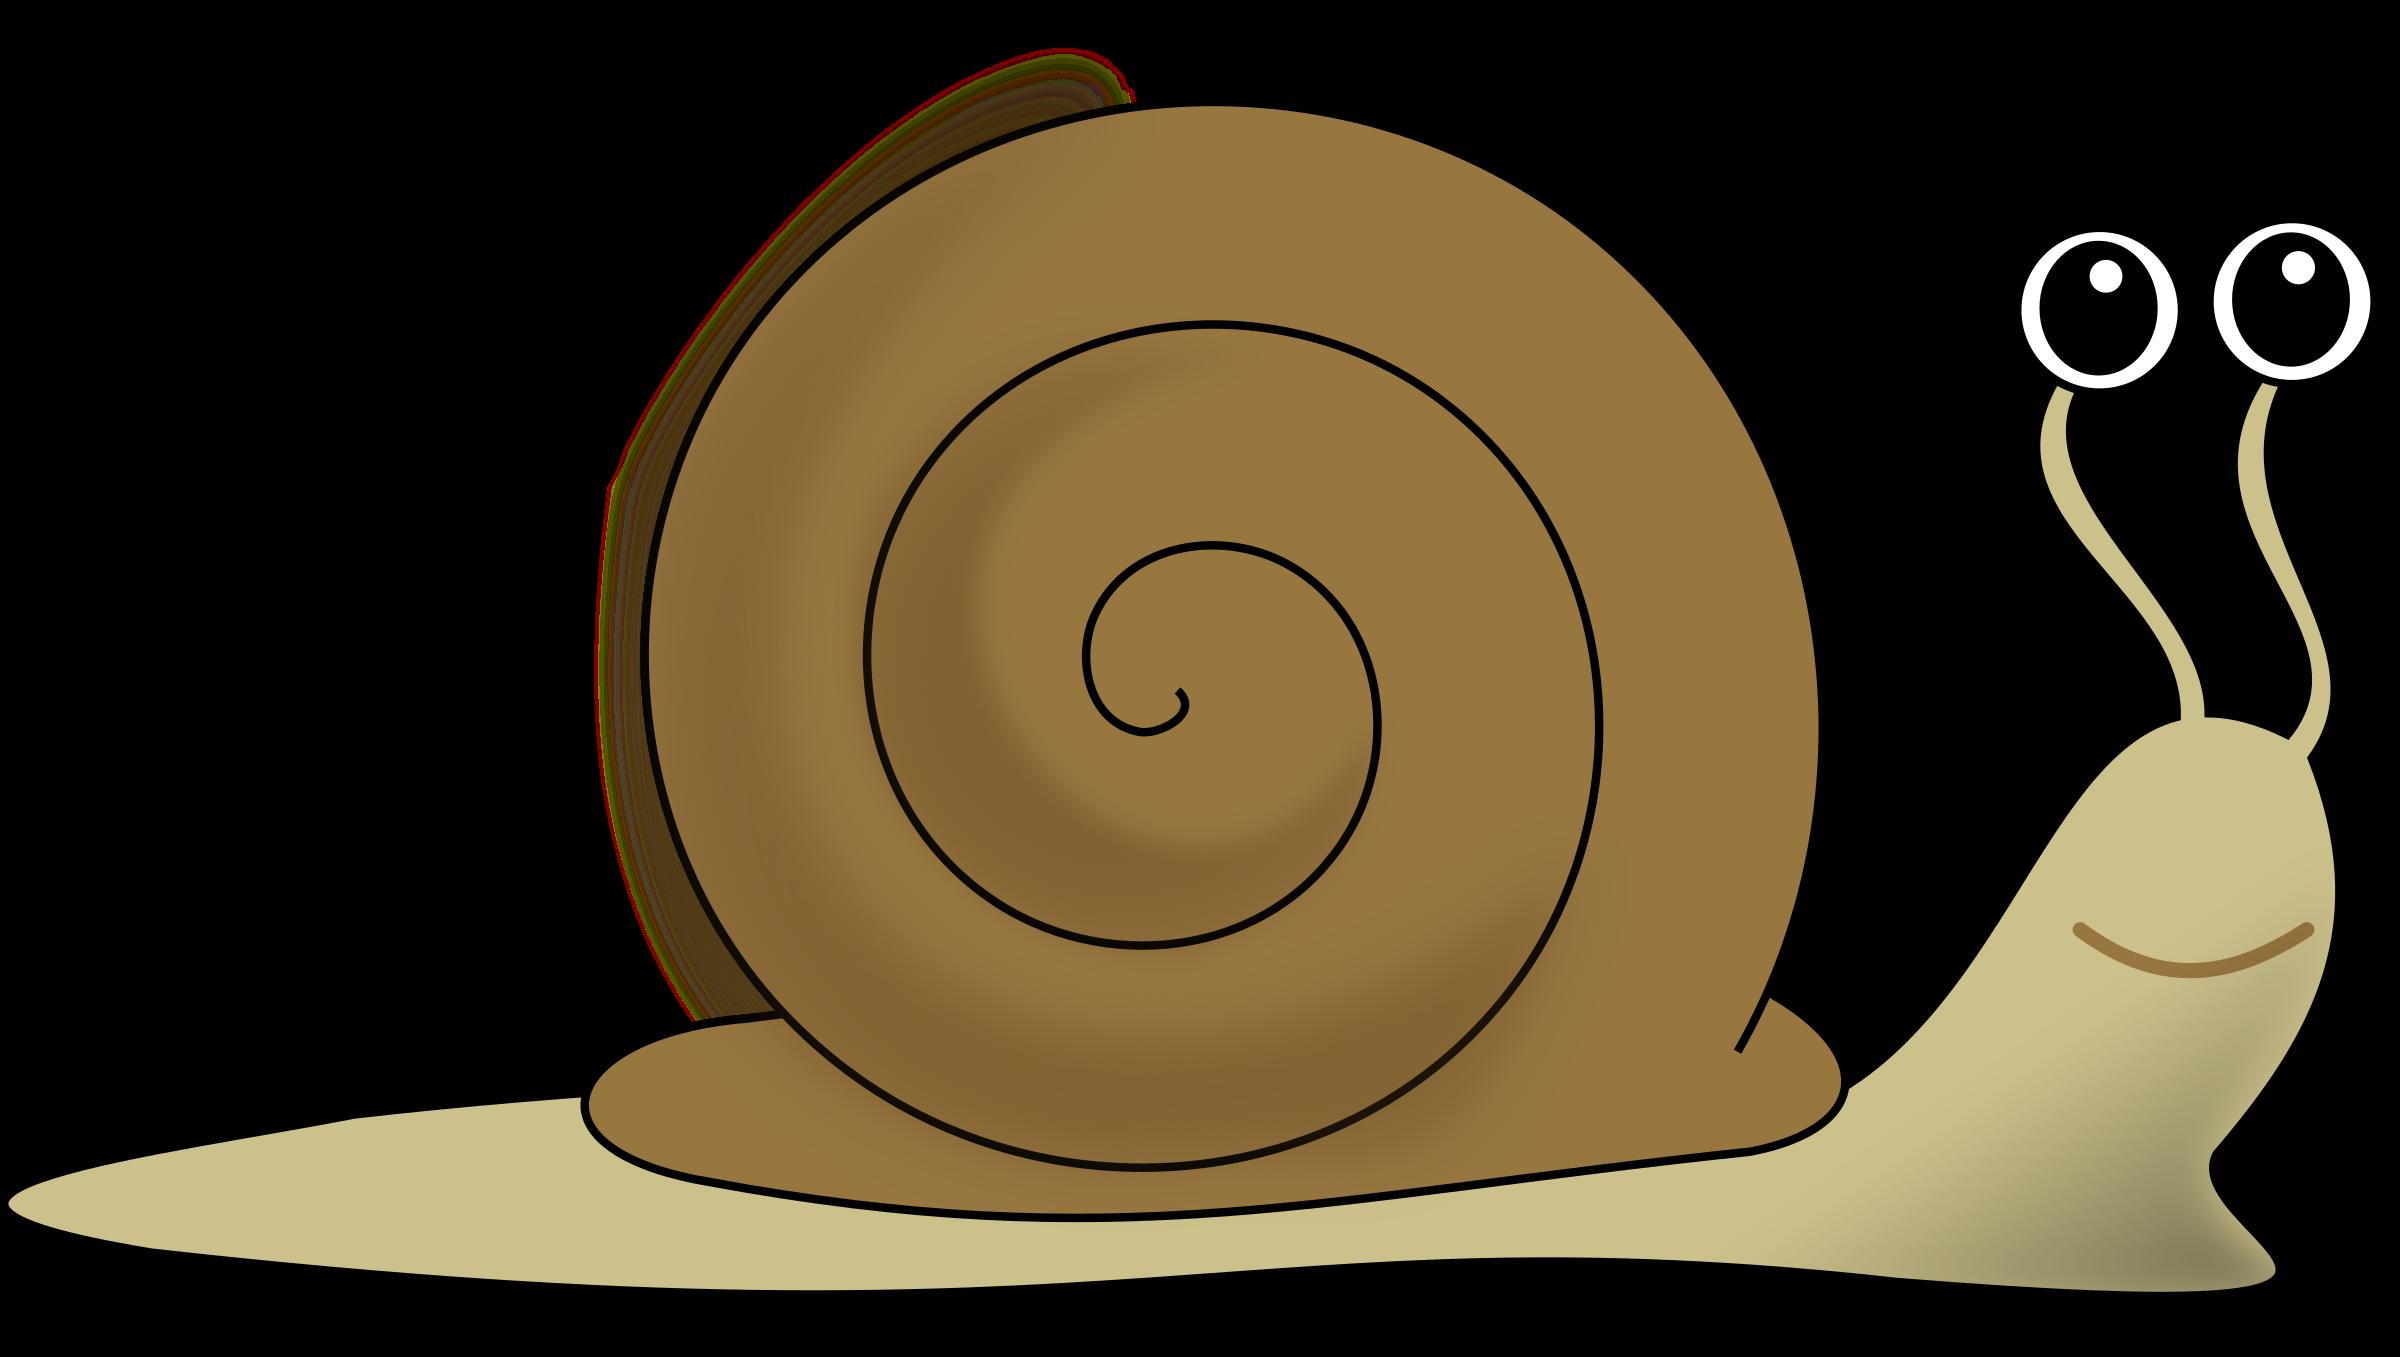 Clip Art Snail Clipart Snail Escargot-Clip Art Snail Clipart Snail Escargot-3